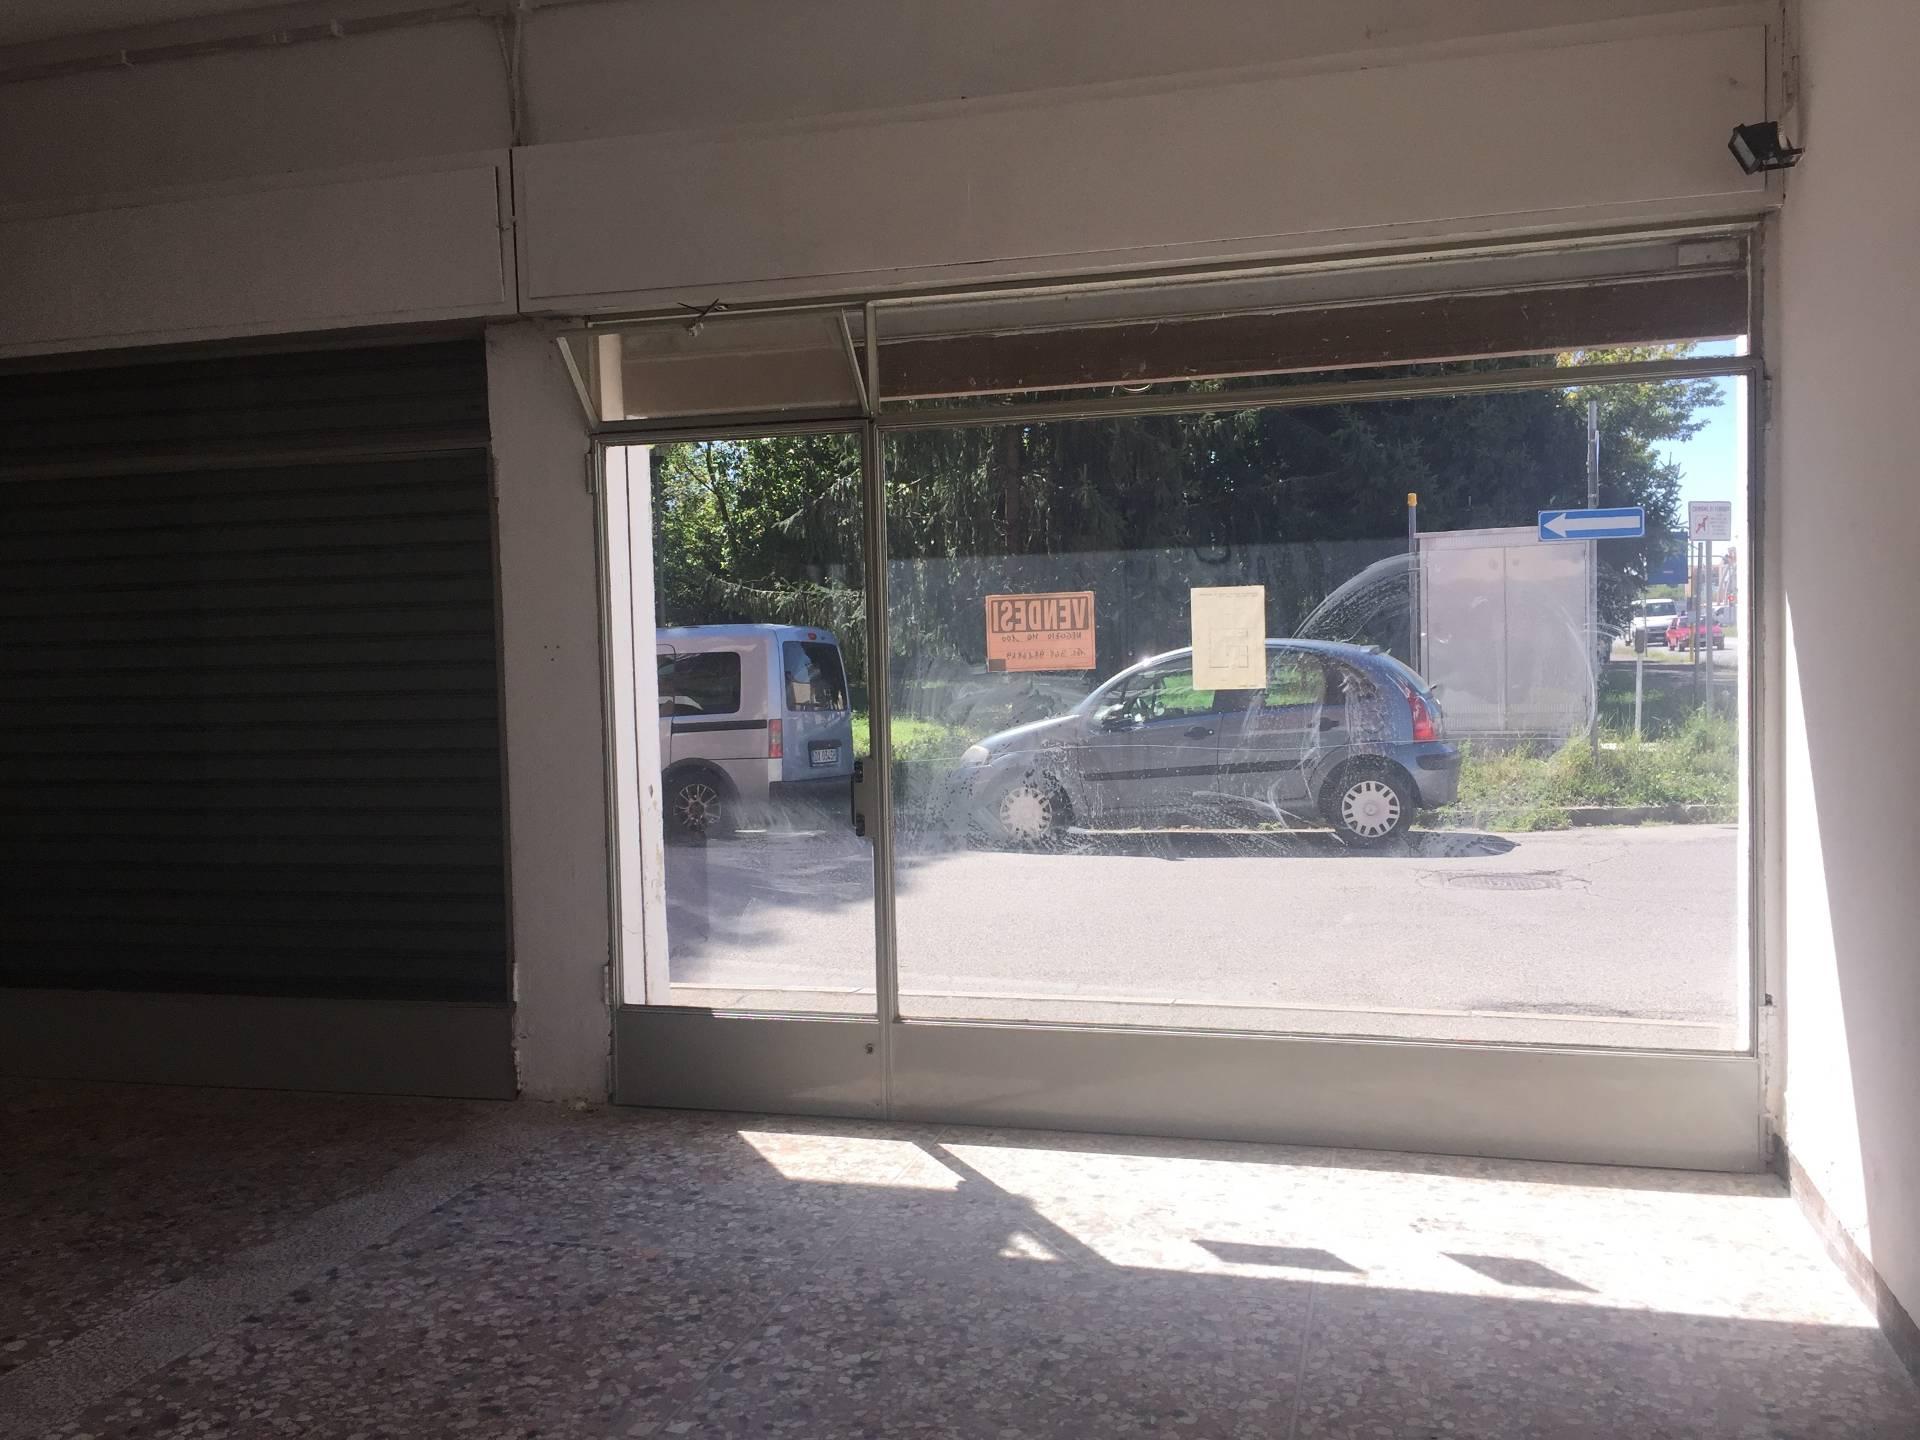 Negozio / Locale in vendita a Ferrara, 9999 locali, zona Zona: Doro, prezzo € 105.000 | CambioCasa.it